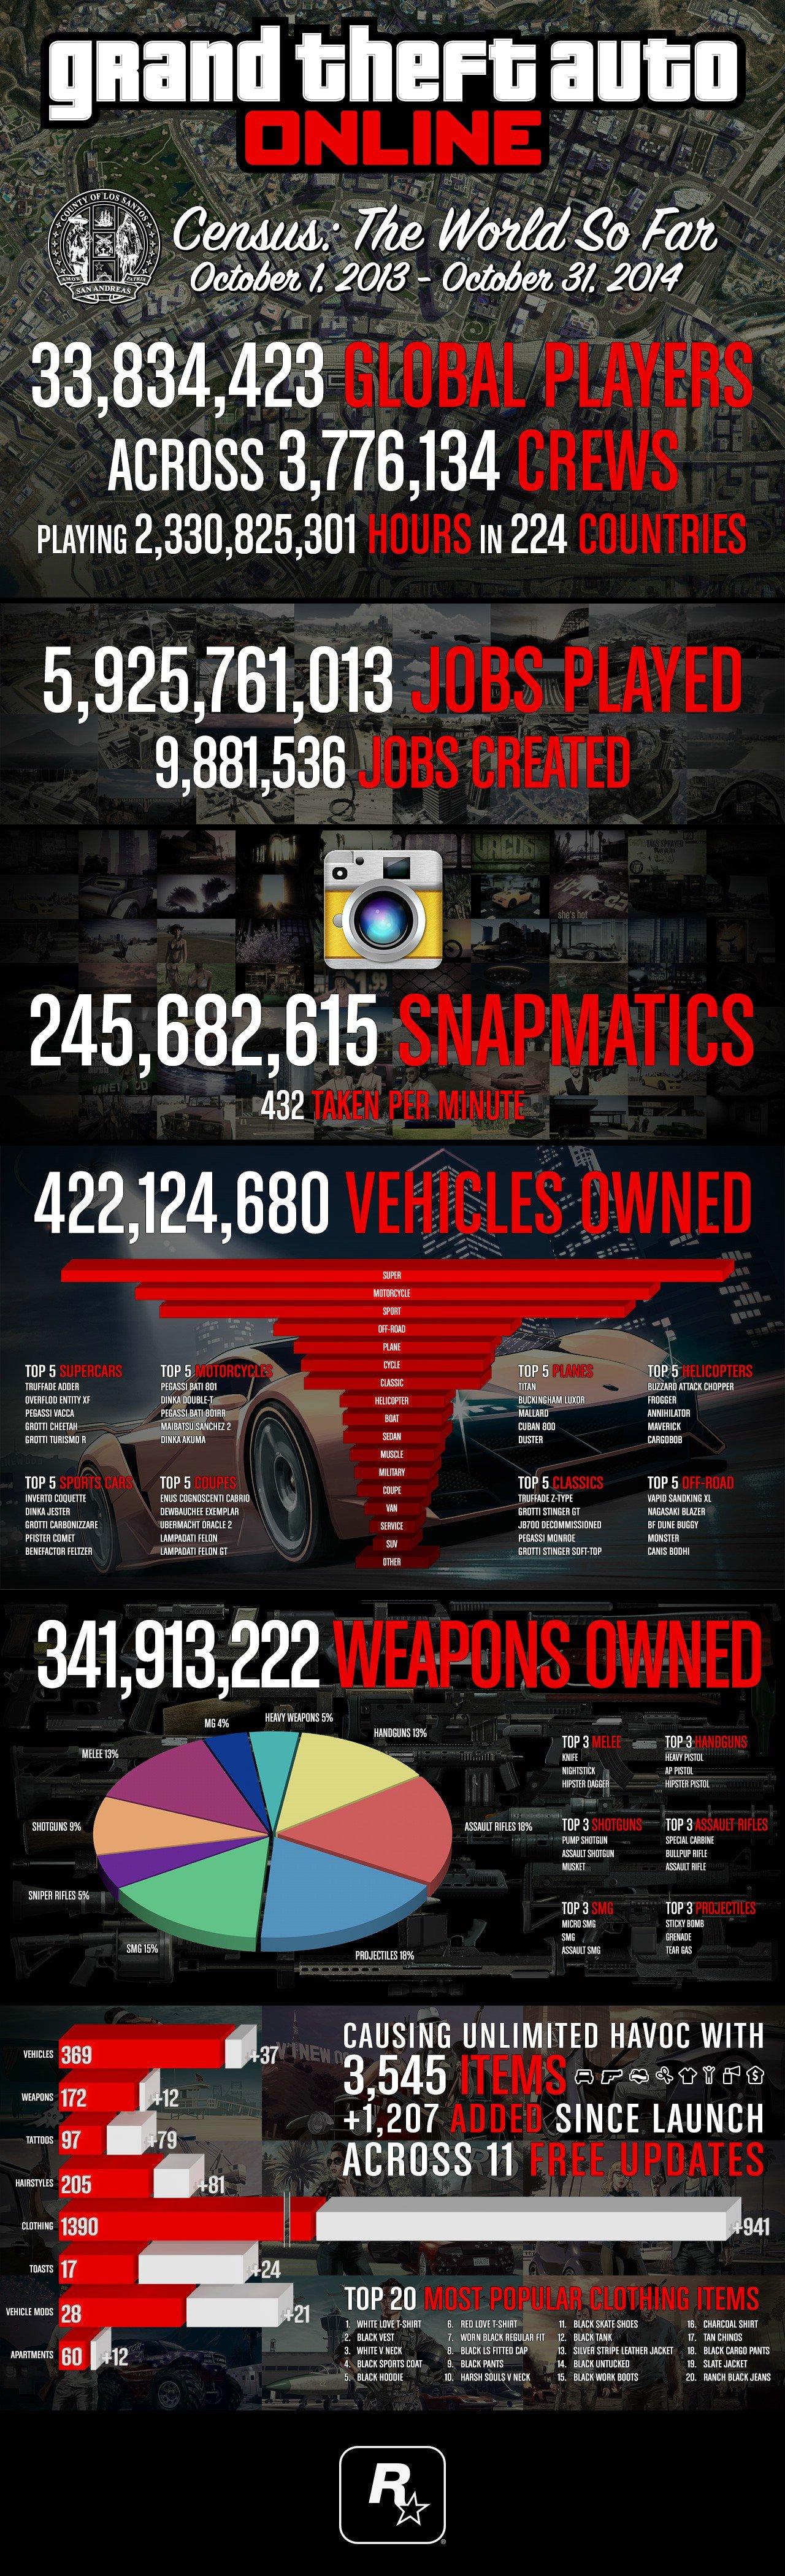 Самая подробная инфографика по GTA V Online. - Изображение 1